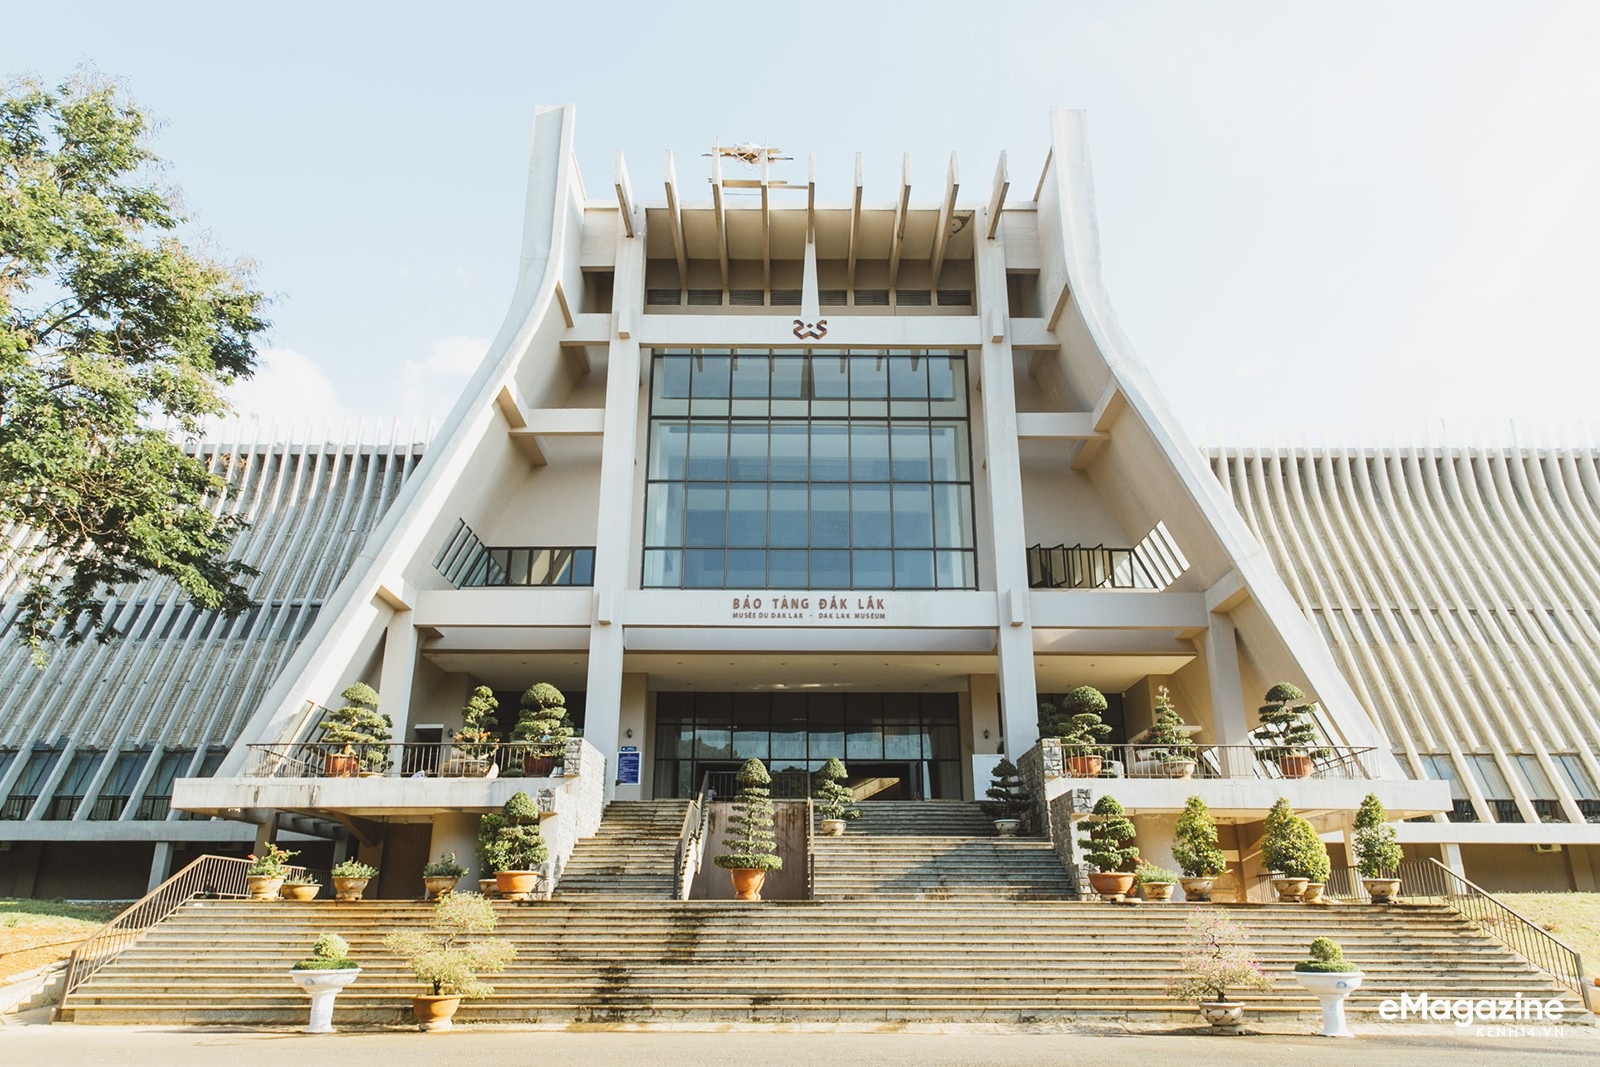 Đổi mới hình thức hoạt động của Bảo tàng tỉnh Đắk Lắk